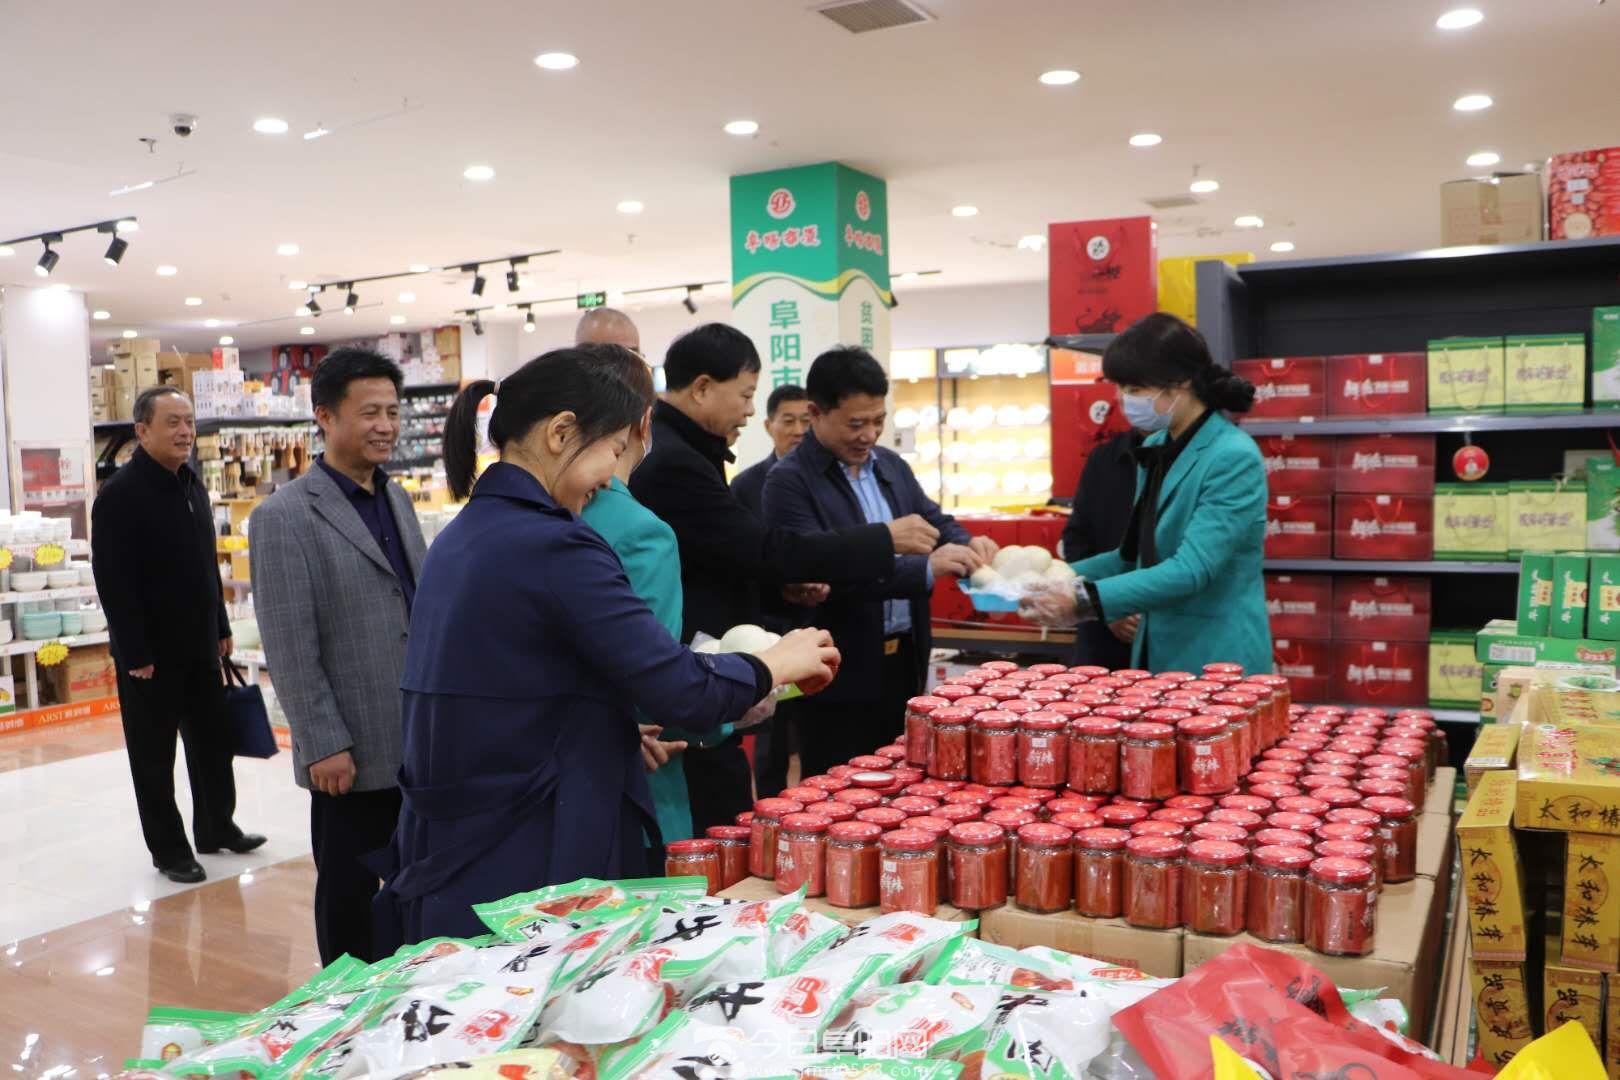 阜阳市消费扶贫地方馆揭牌仪式在阜阳商厦绿色食品城举行